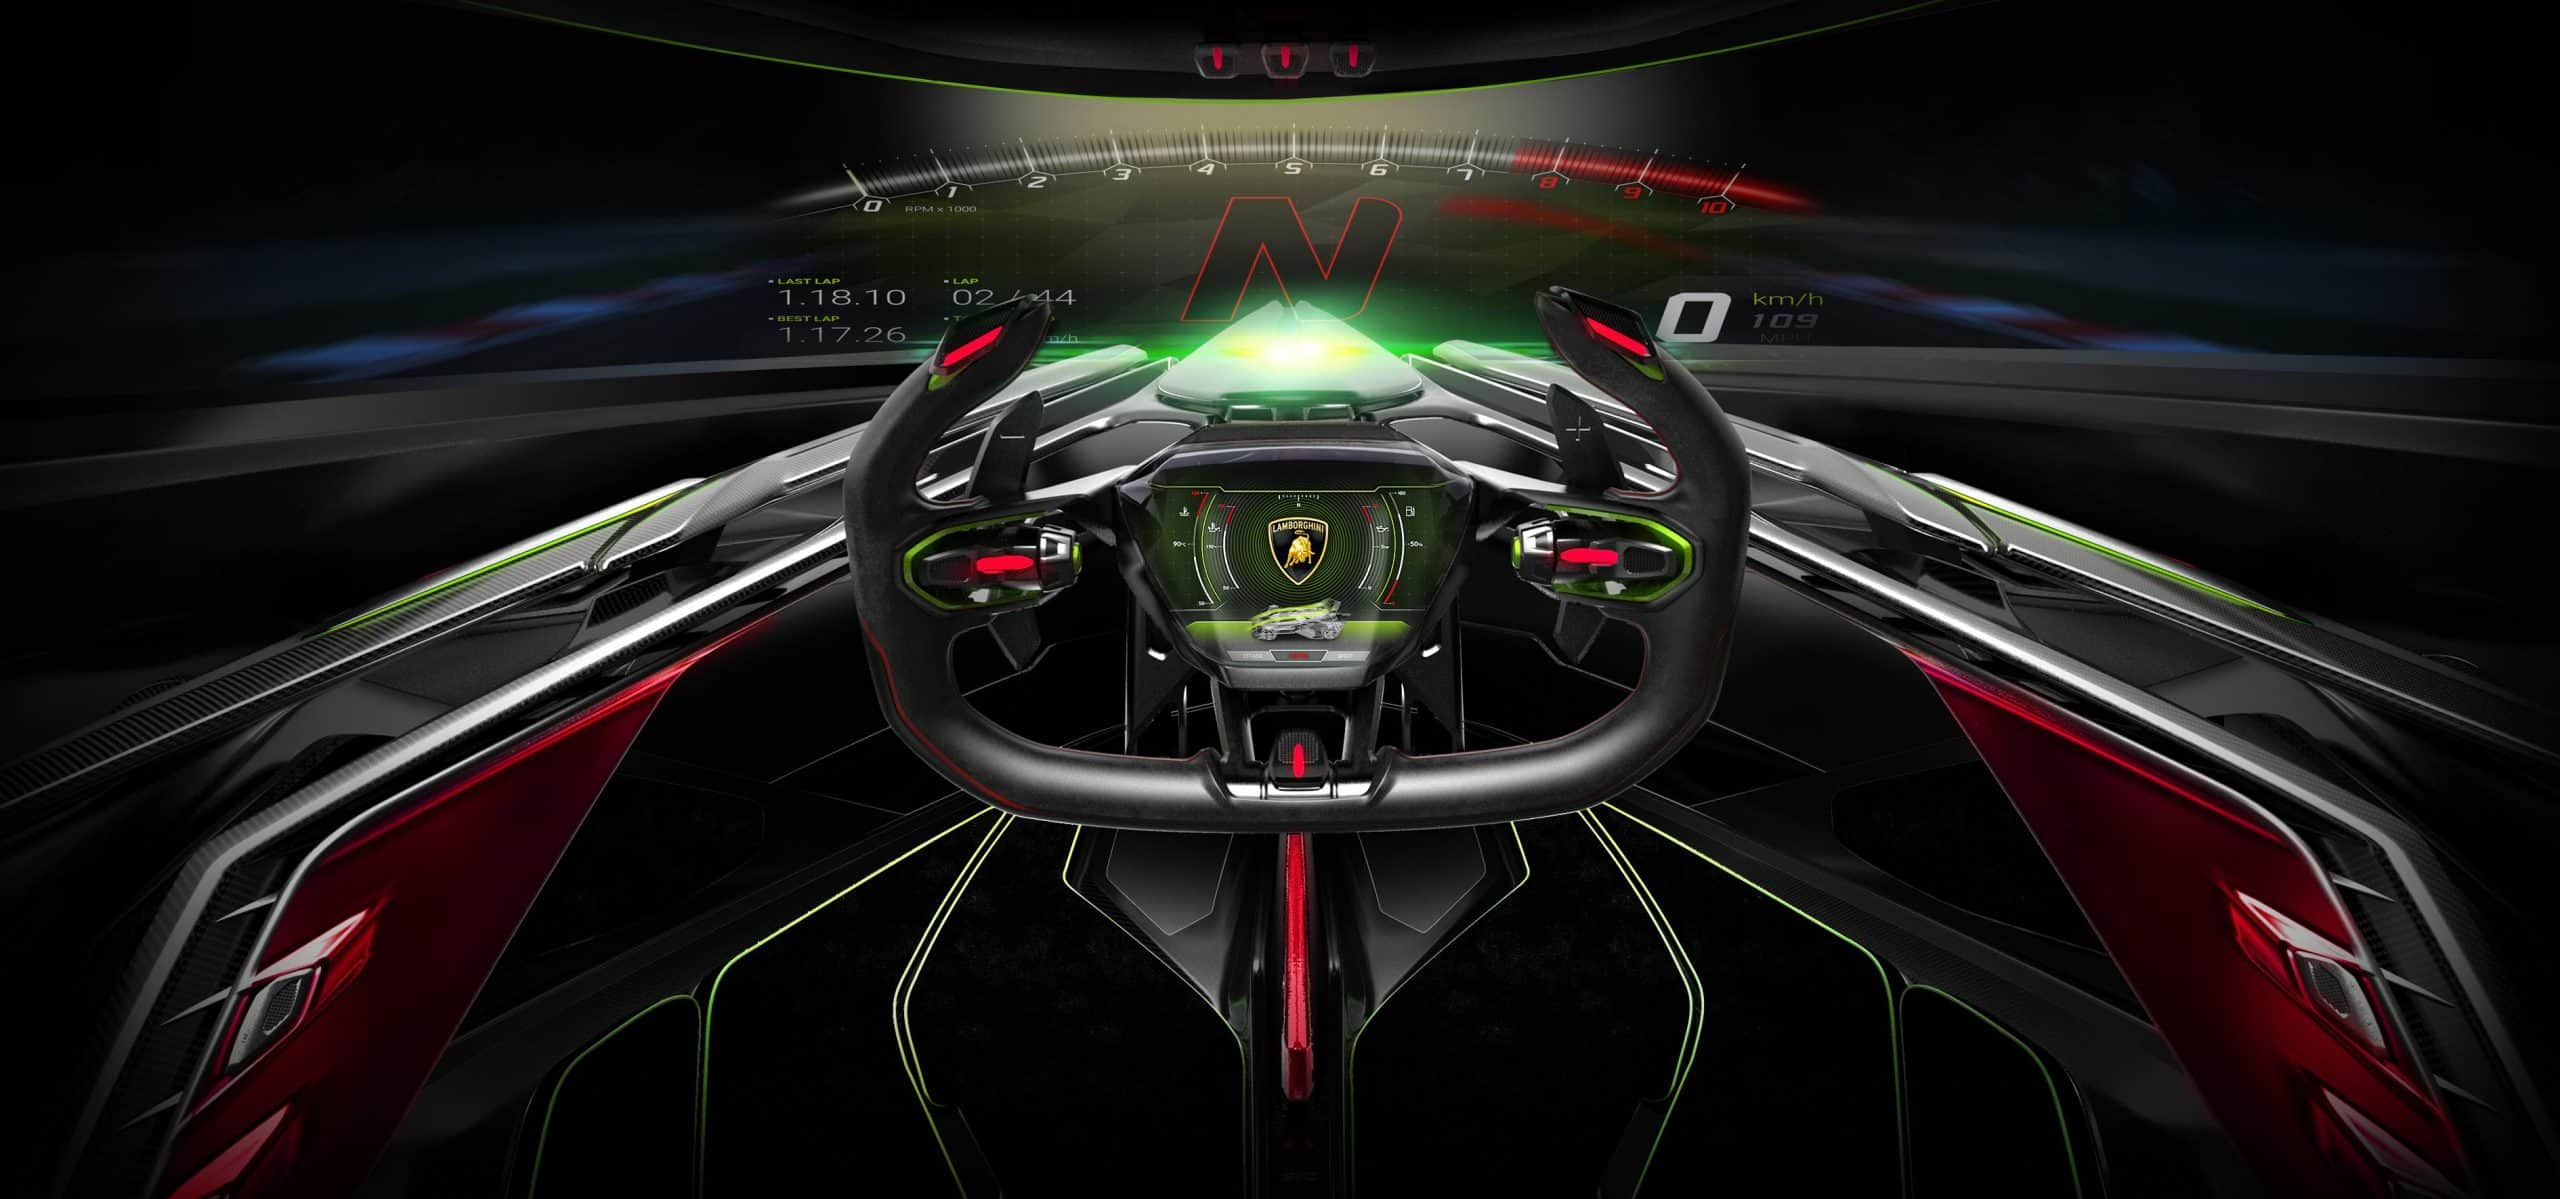 Lamborghini Lambo V12 Vision Gran Turismo